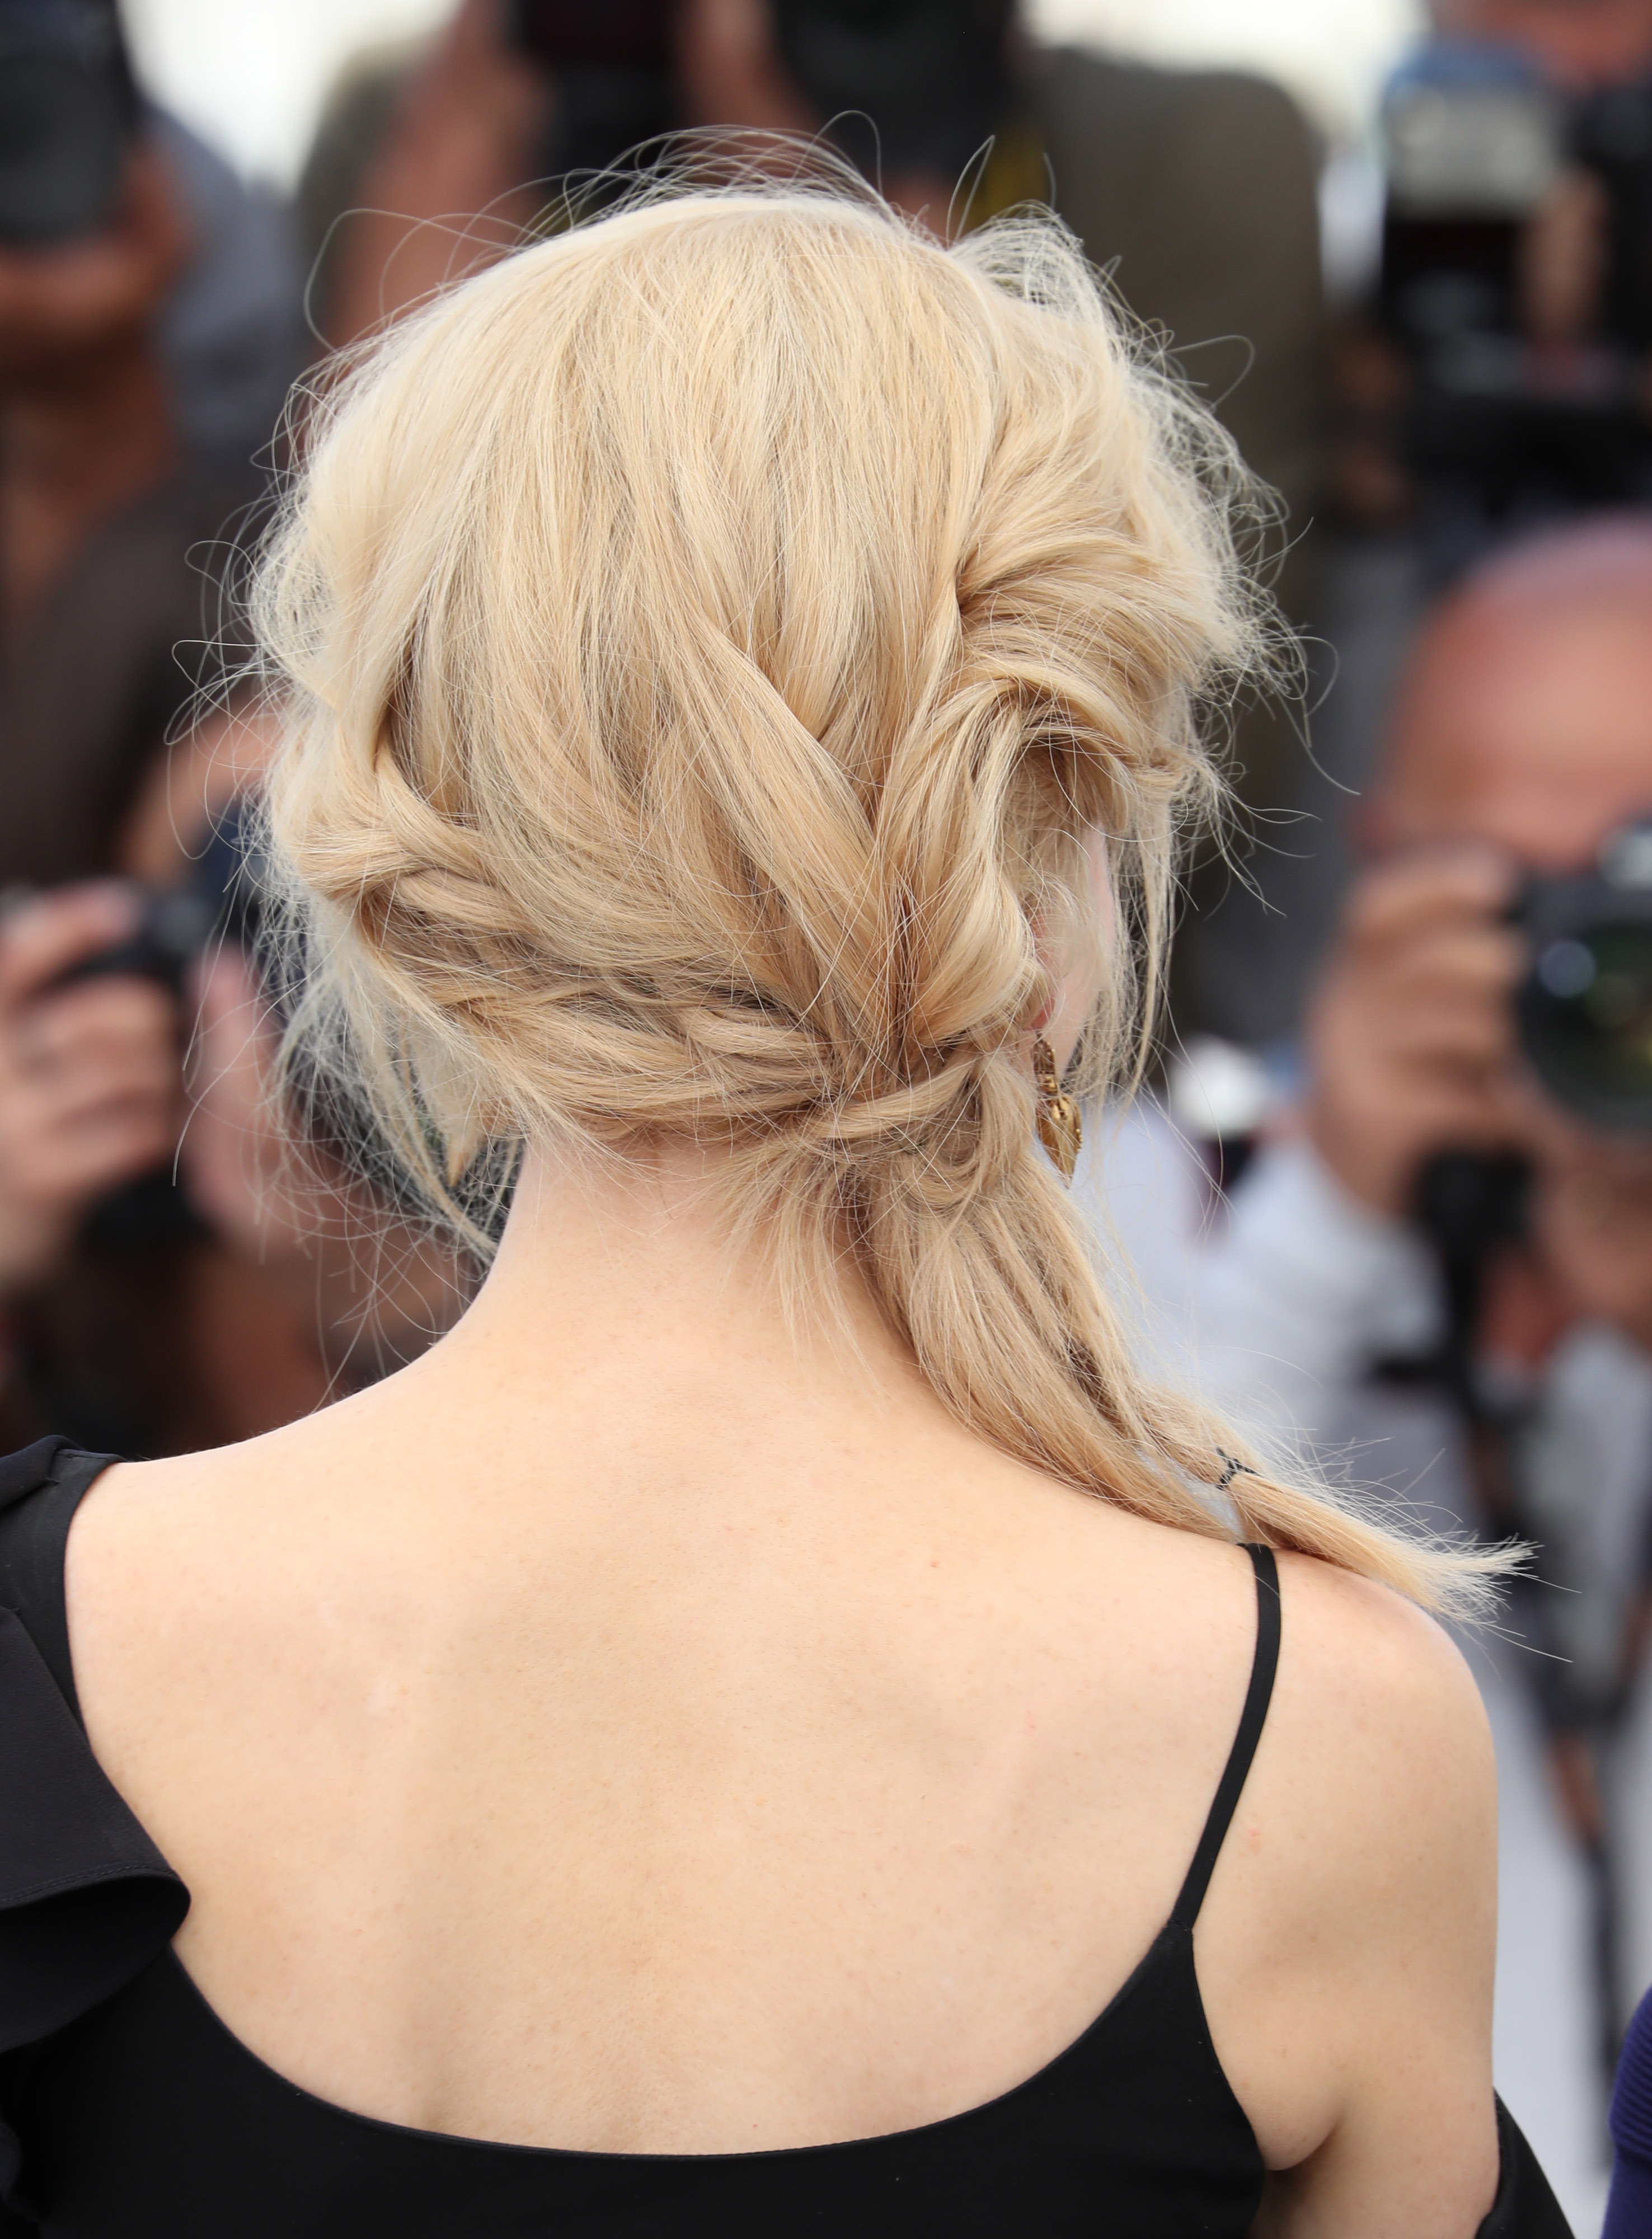 Vista de atrás de cabello rubio recogido en una especie de trenza/coleta